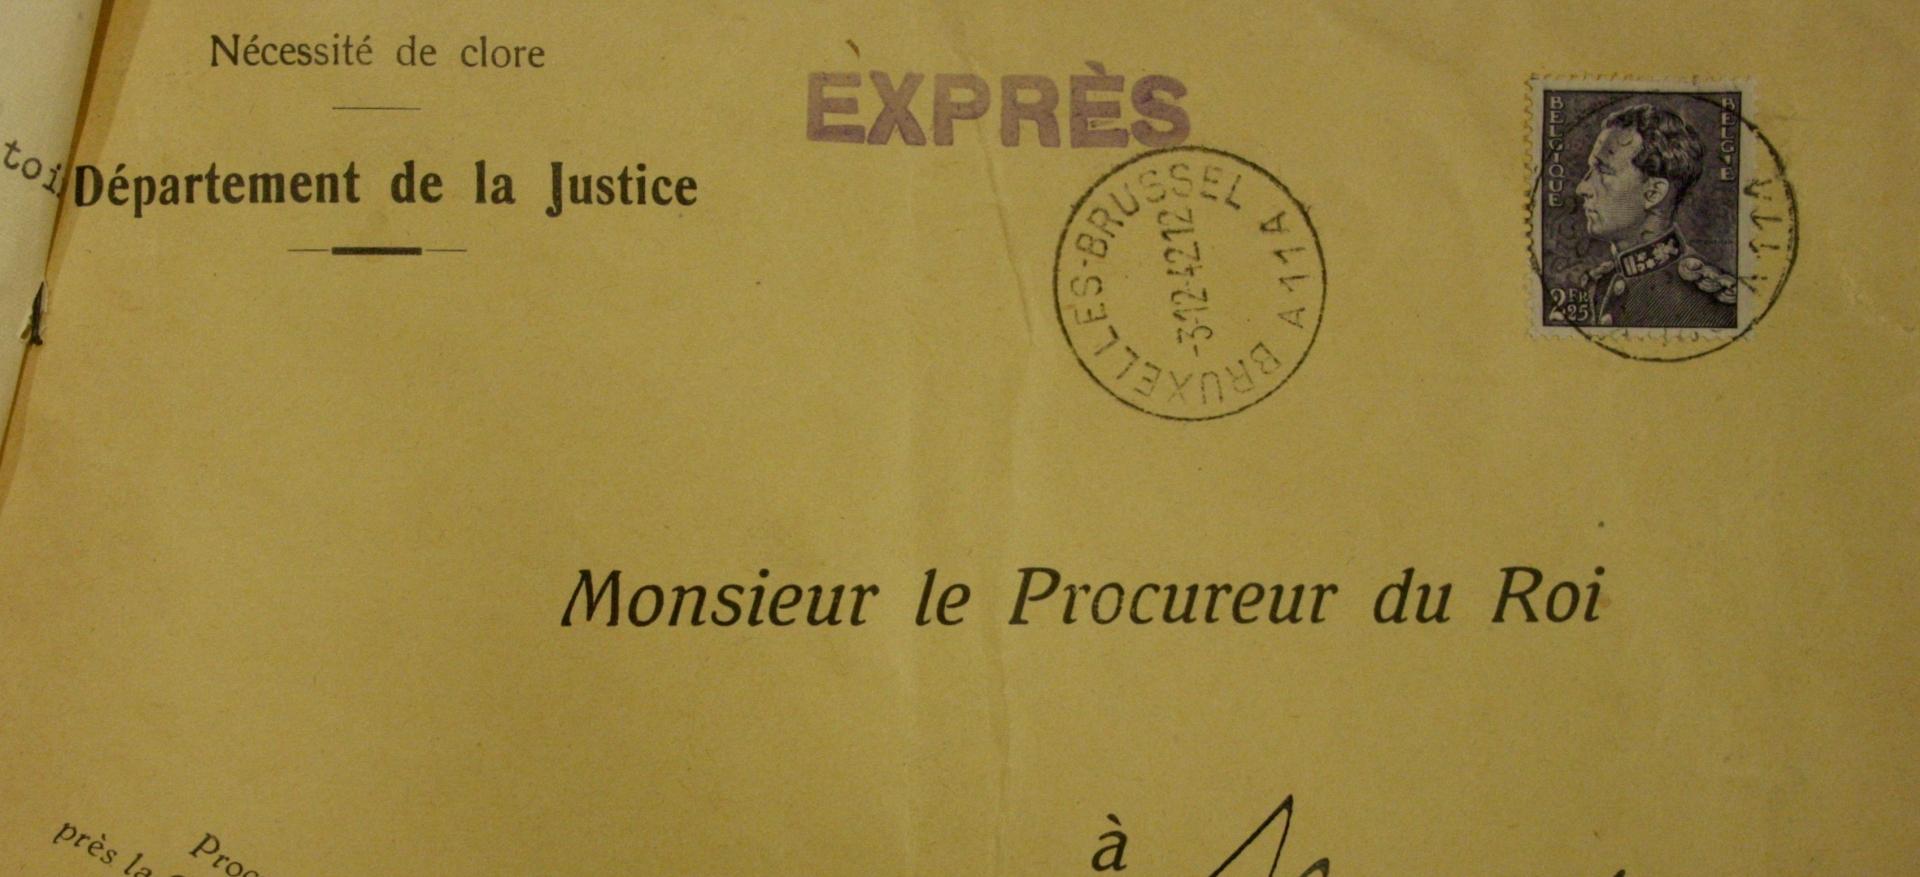 agr-mons-t-h-lettre-4-12-1942-1(2).jpg